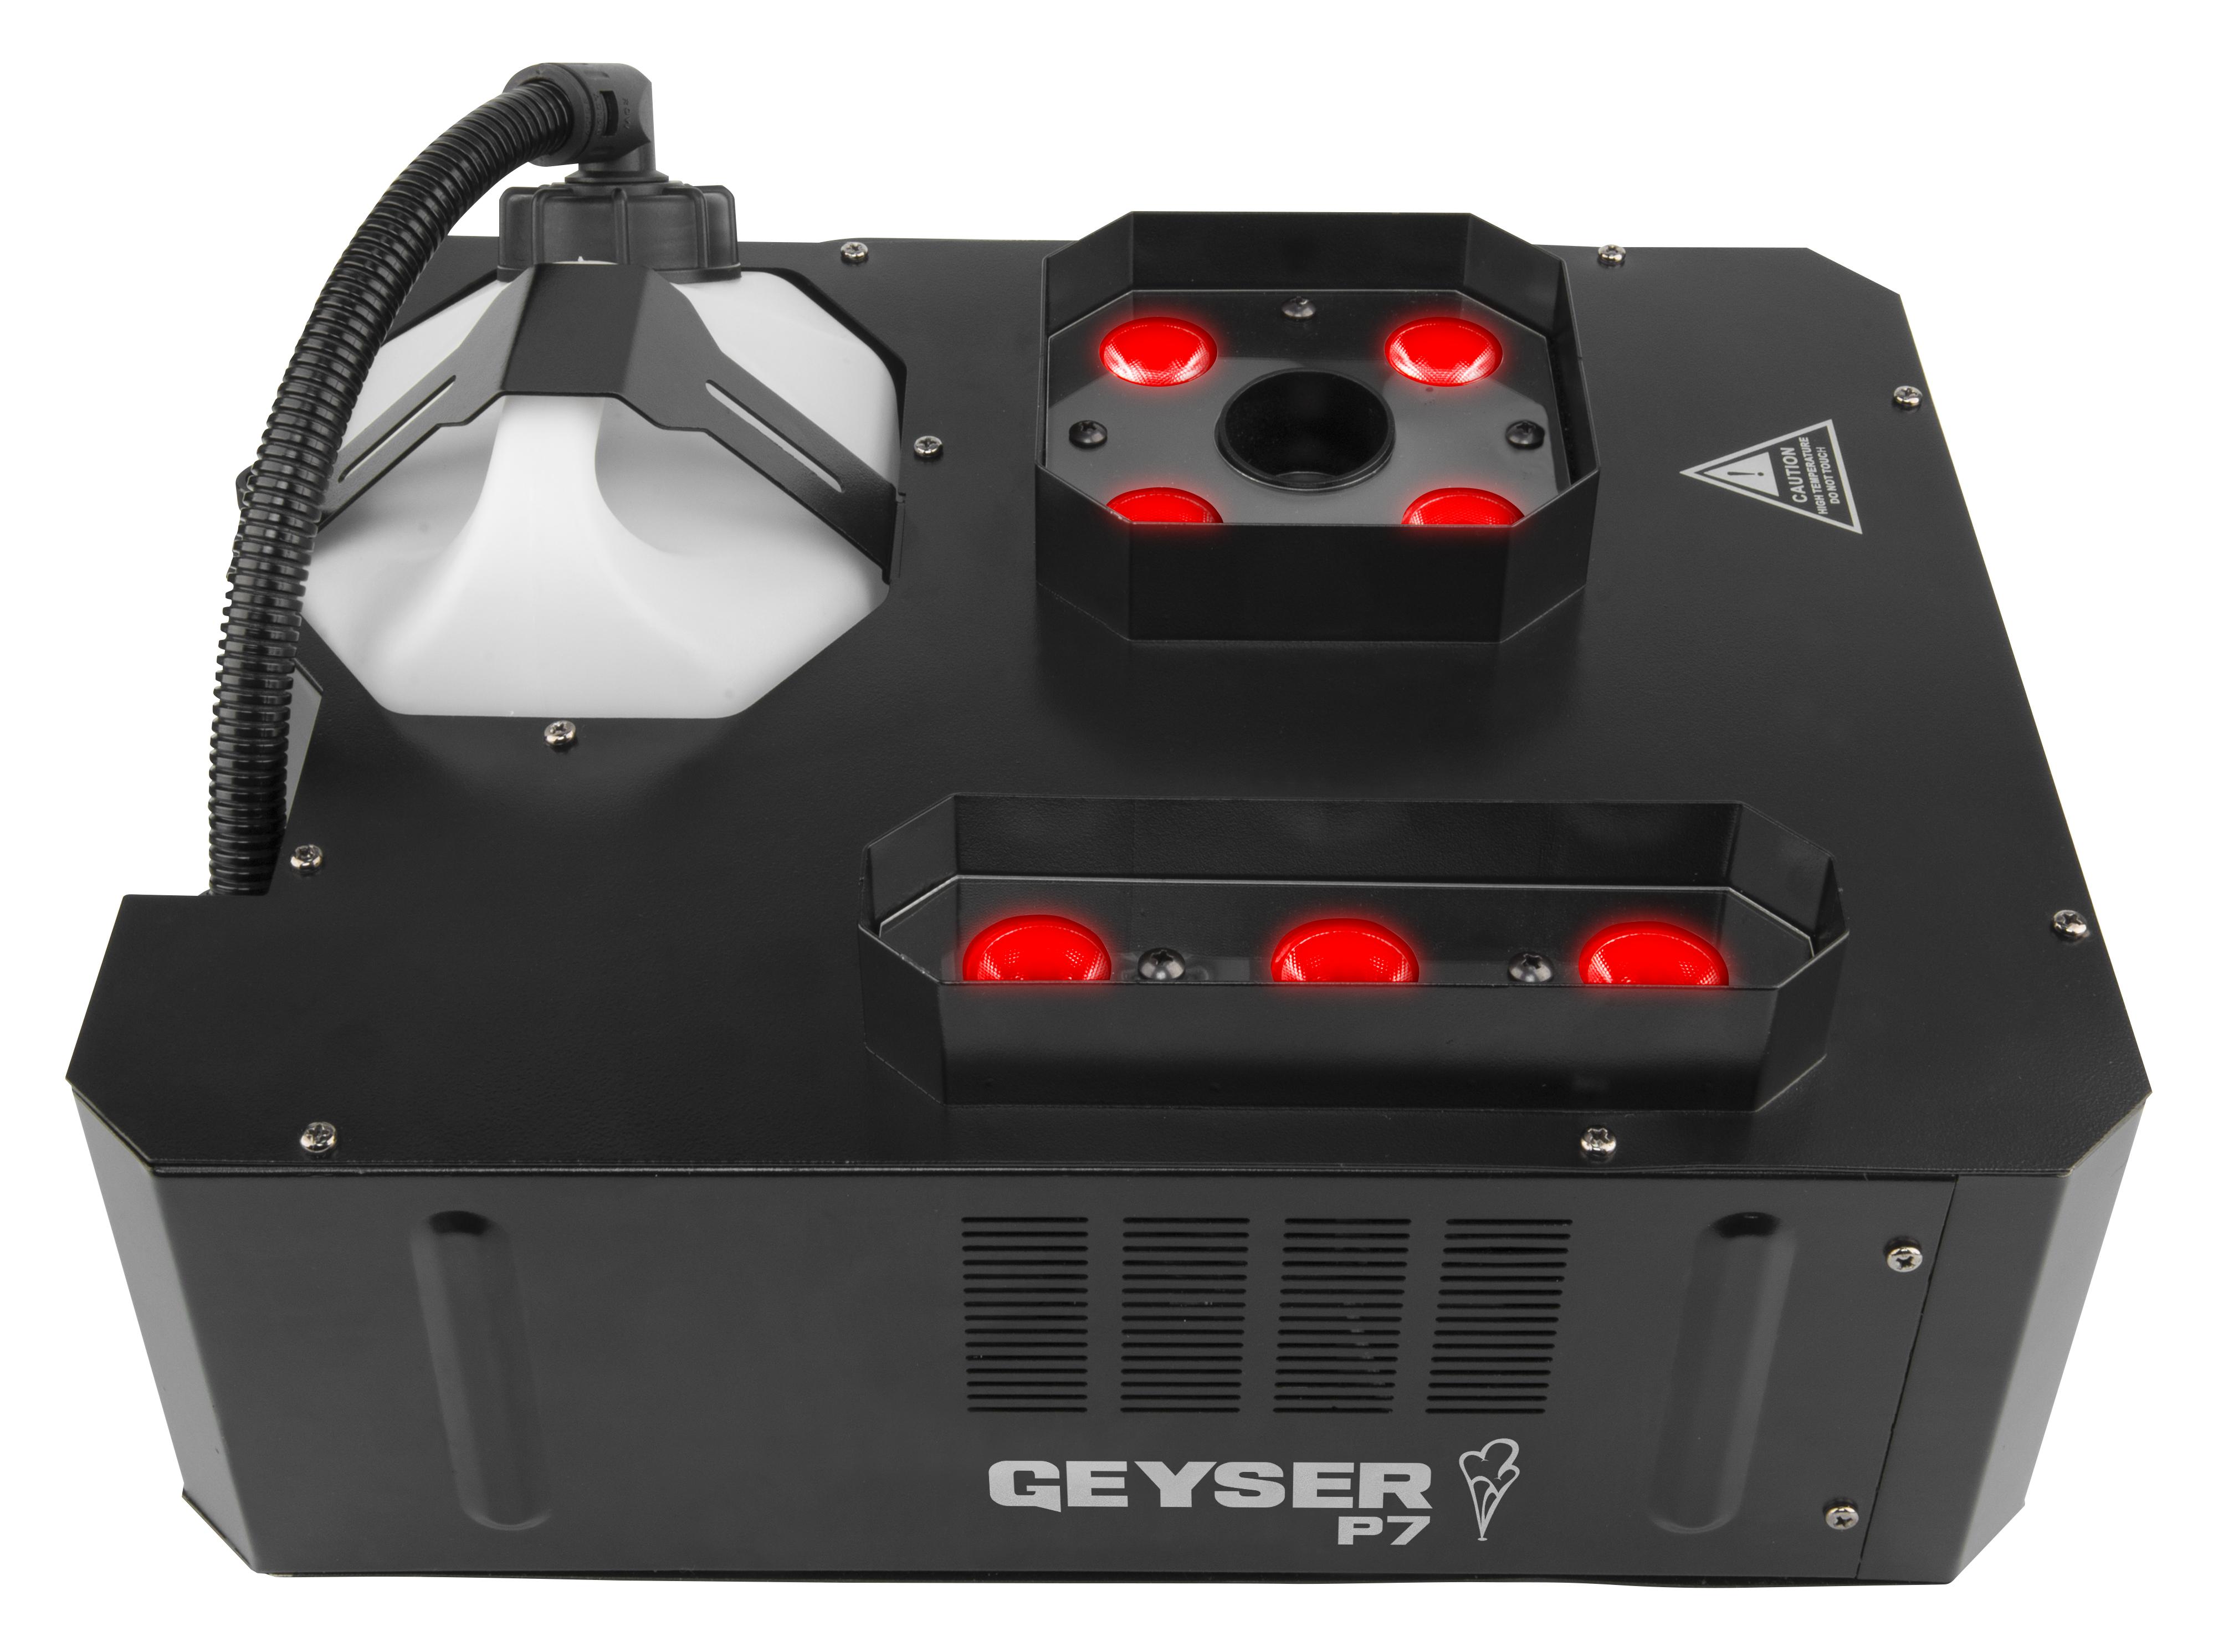 Chauvet DJ Geyser P7 240941